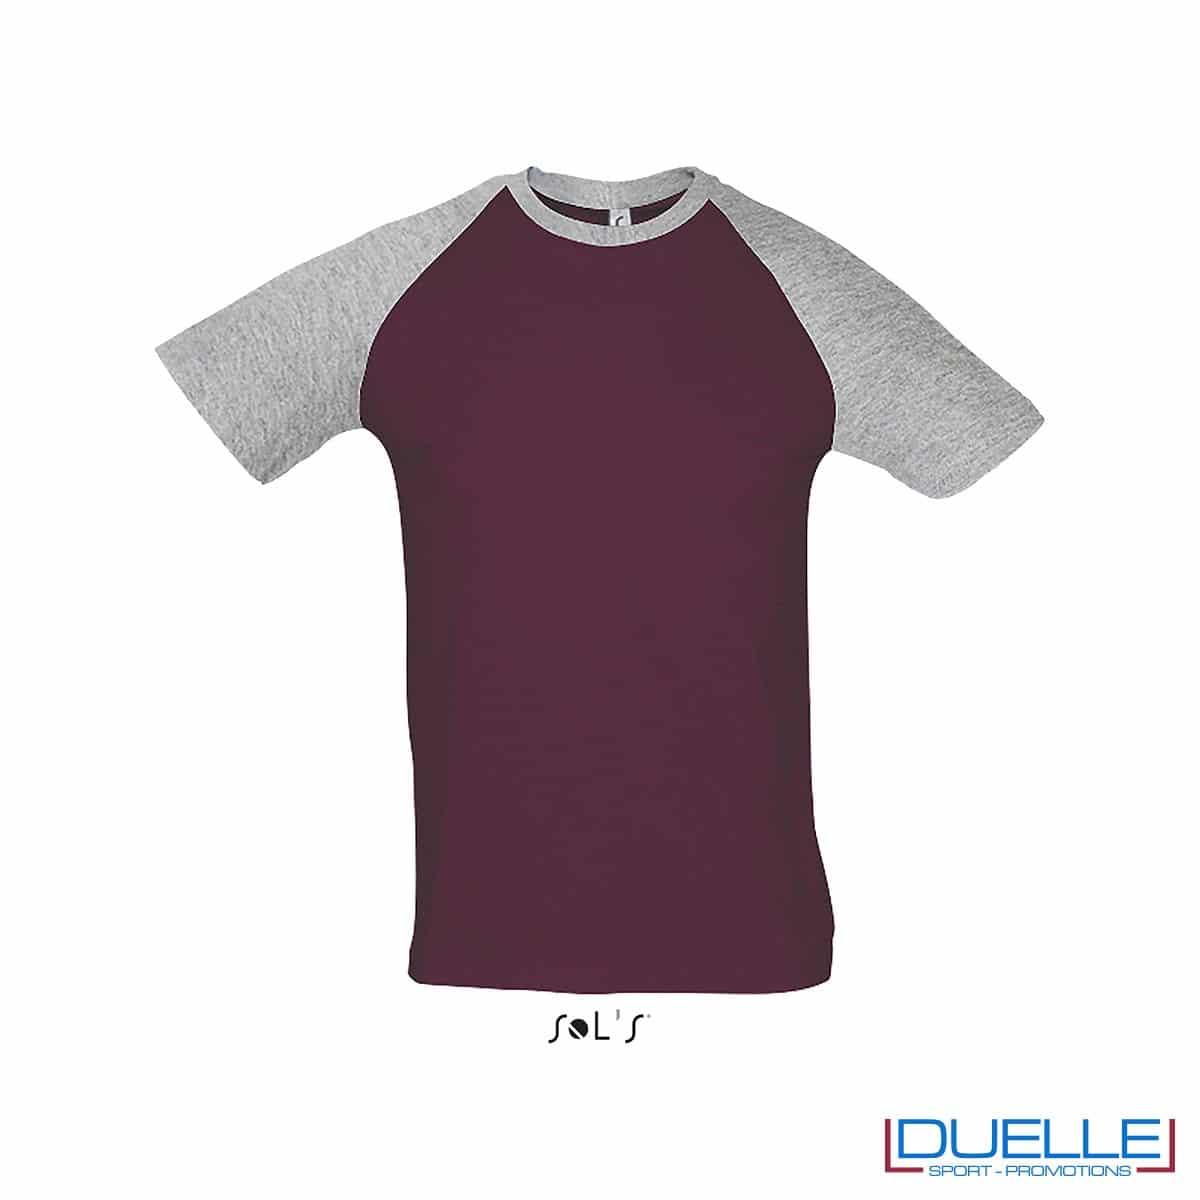 t-shirt personalizzata sportiva bicolore in colore grigio e bordeaux, abbigliamento sportivo personalizzato